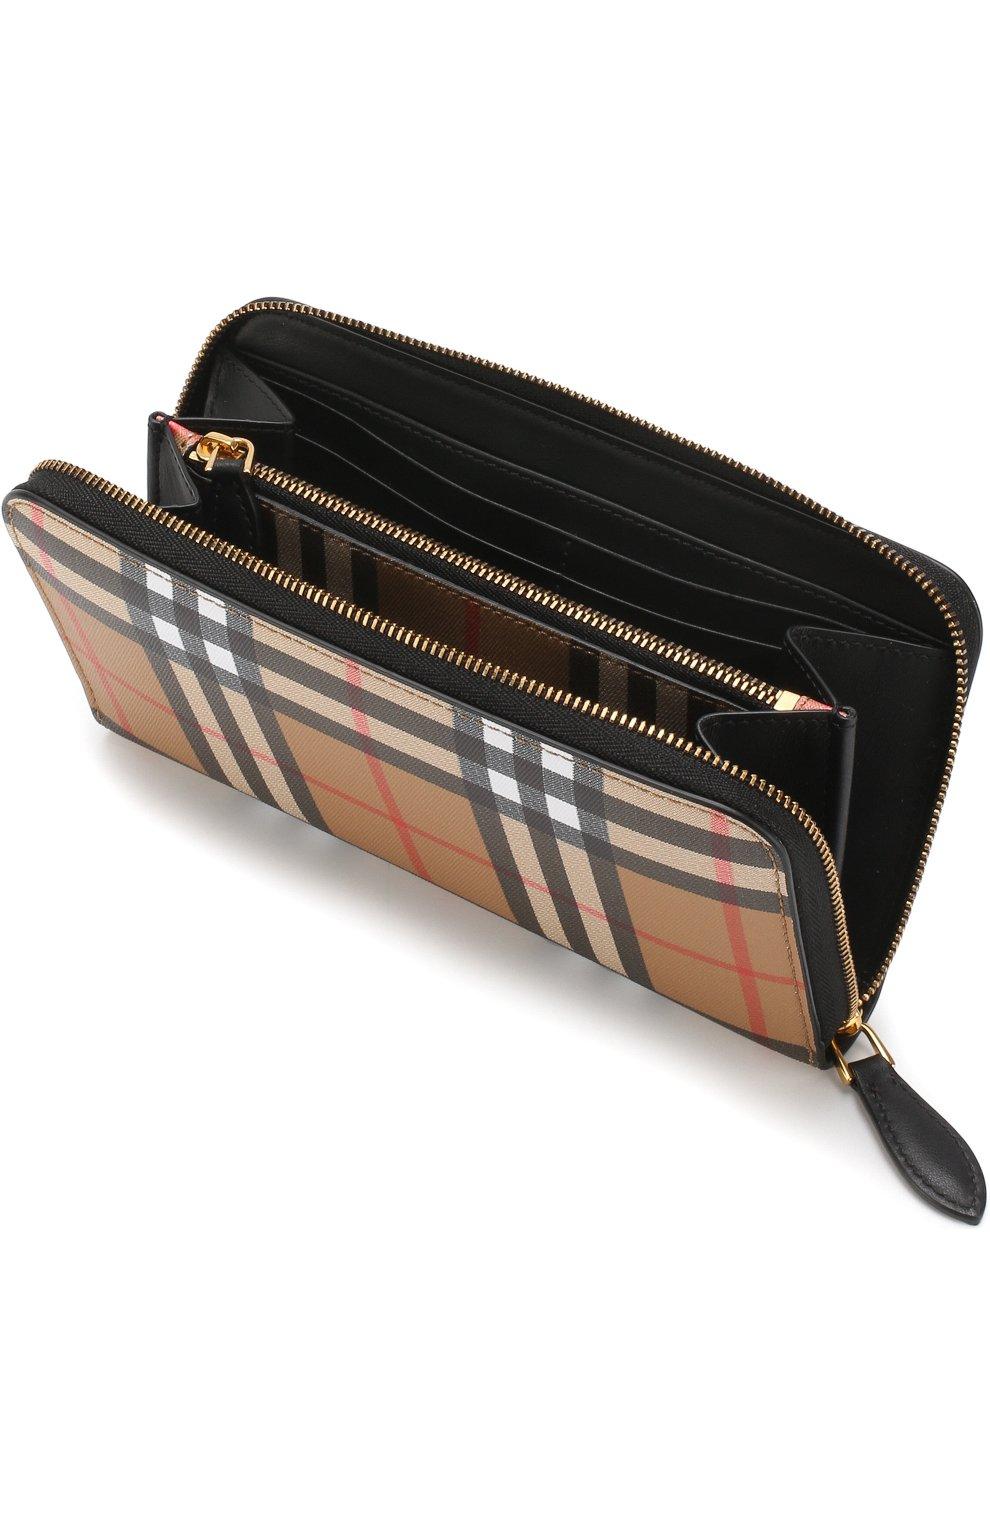 Кожаный кошелек в клетку Vintage Check на молнии Burberry черного цвета | Фото №3